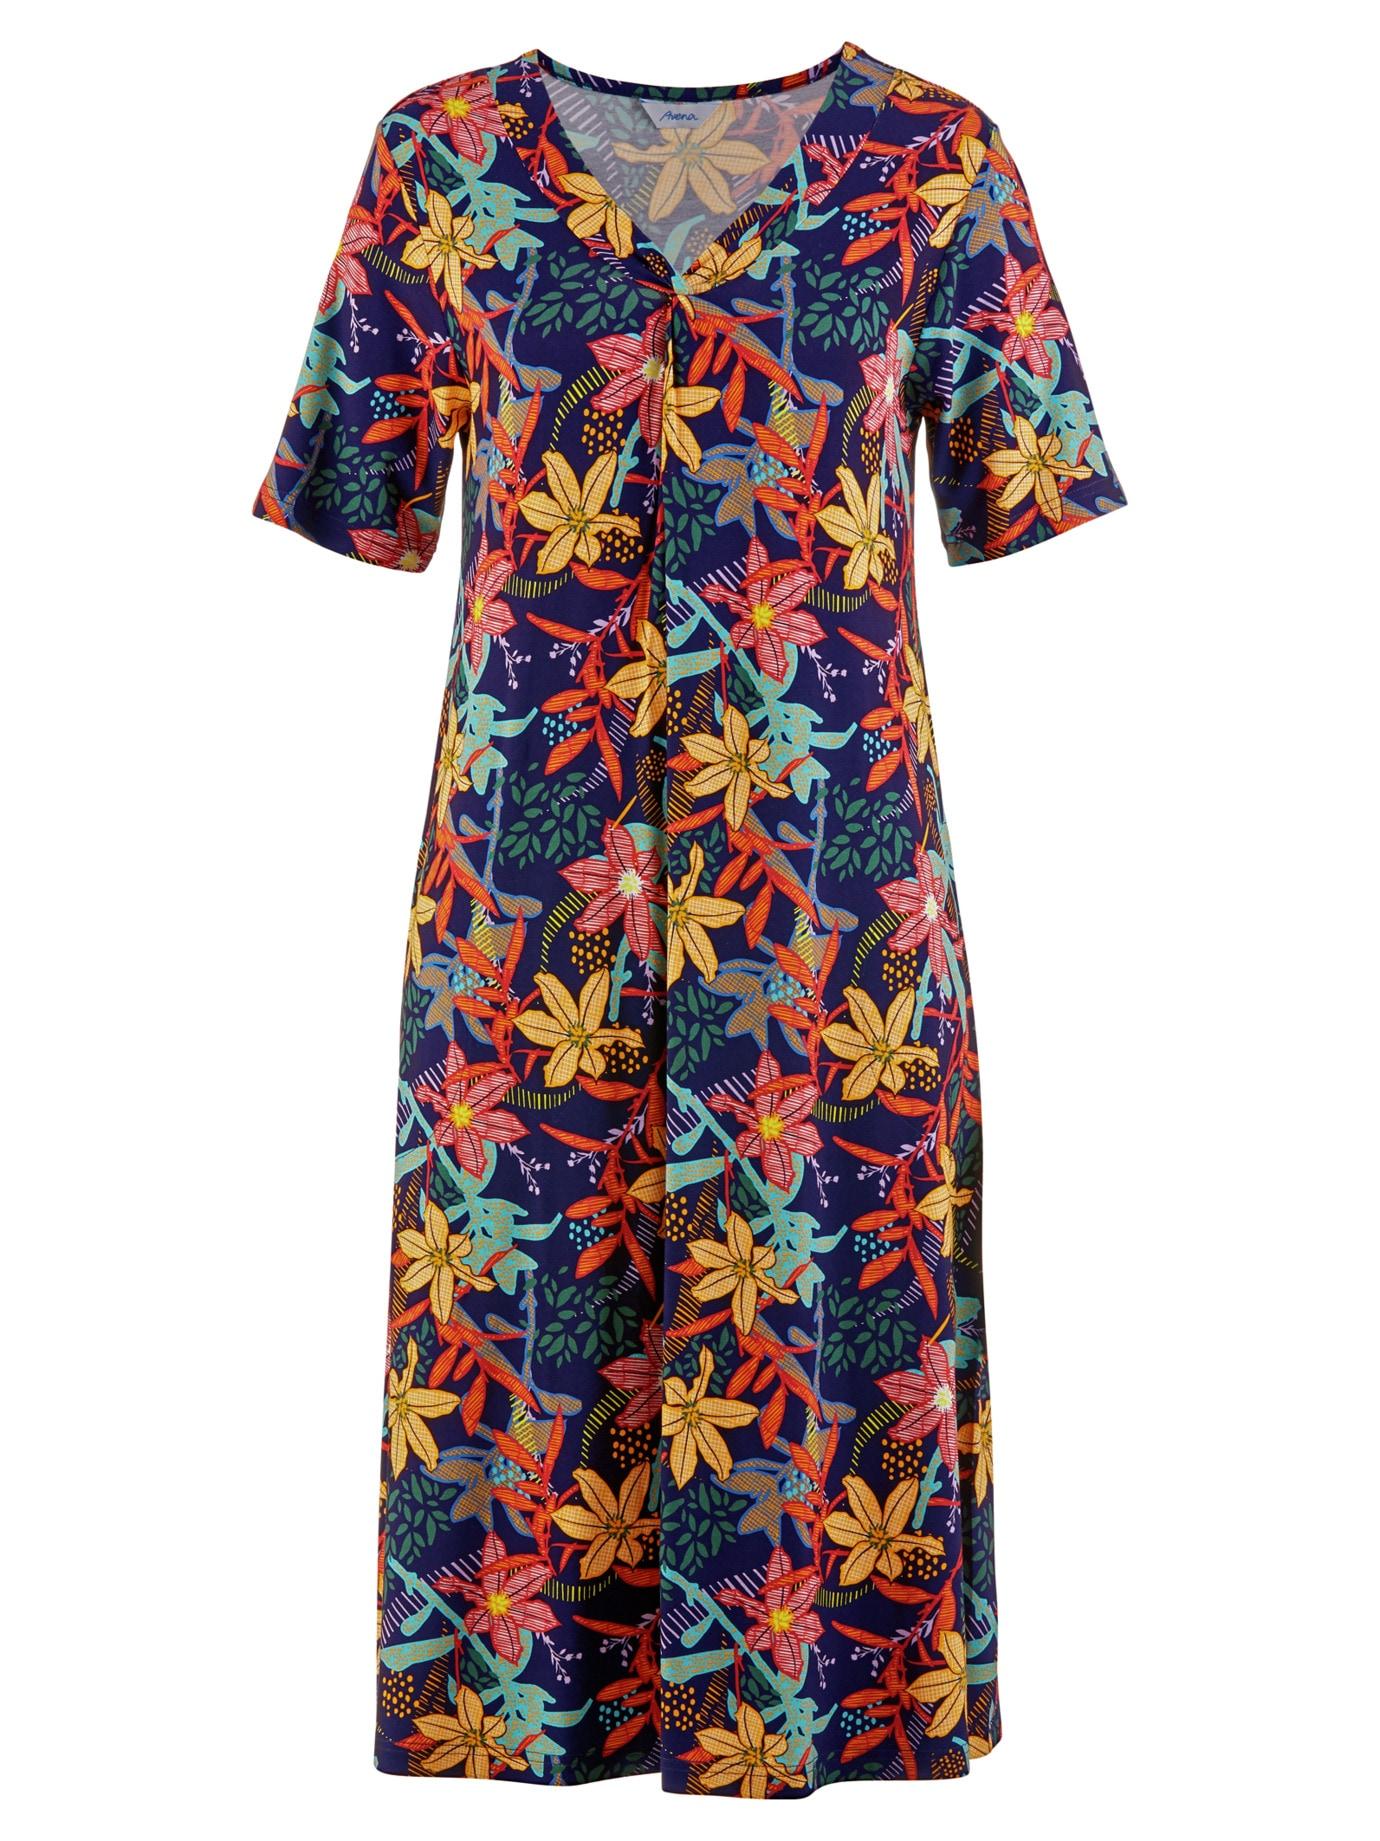 Avena Damen Haus-und Gartenkleid Sommerdruck Blau 44-7560-6